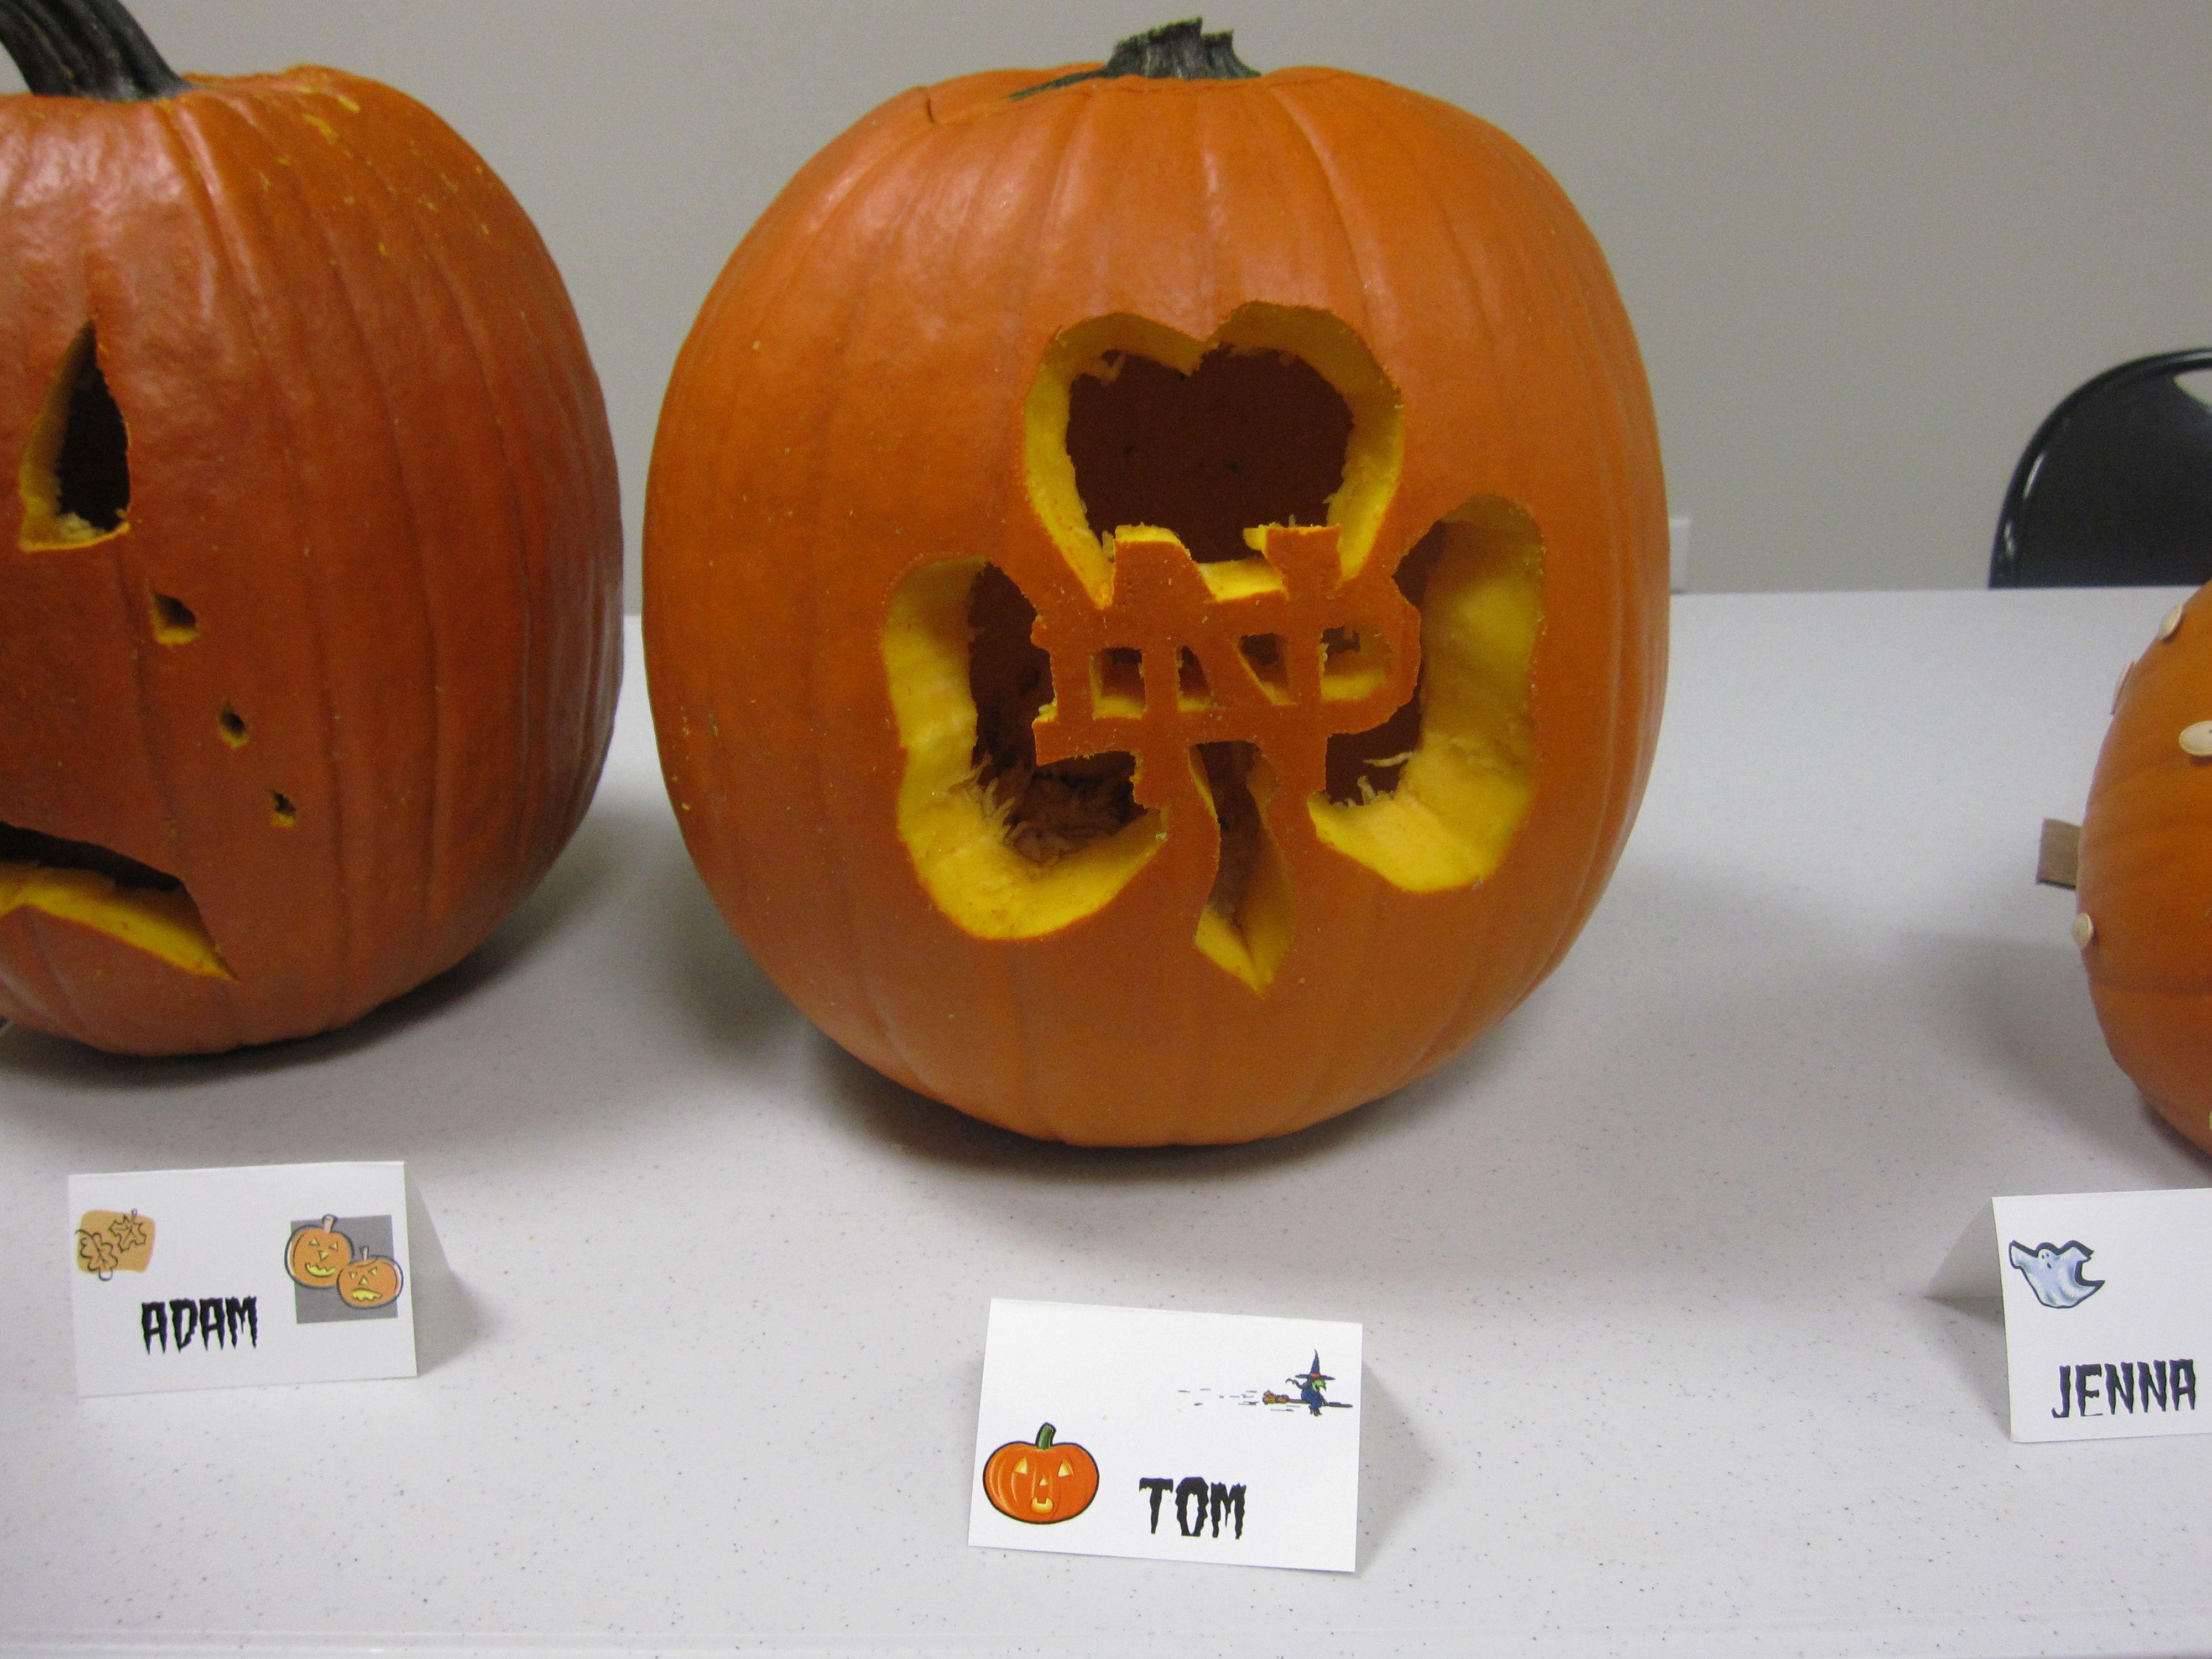 notre dame pumpkin template  Notre Dame Pumpkin | Pumpkin Carving | Halloween | Pumpkin ...